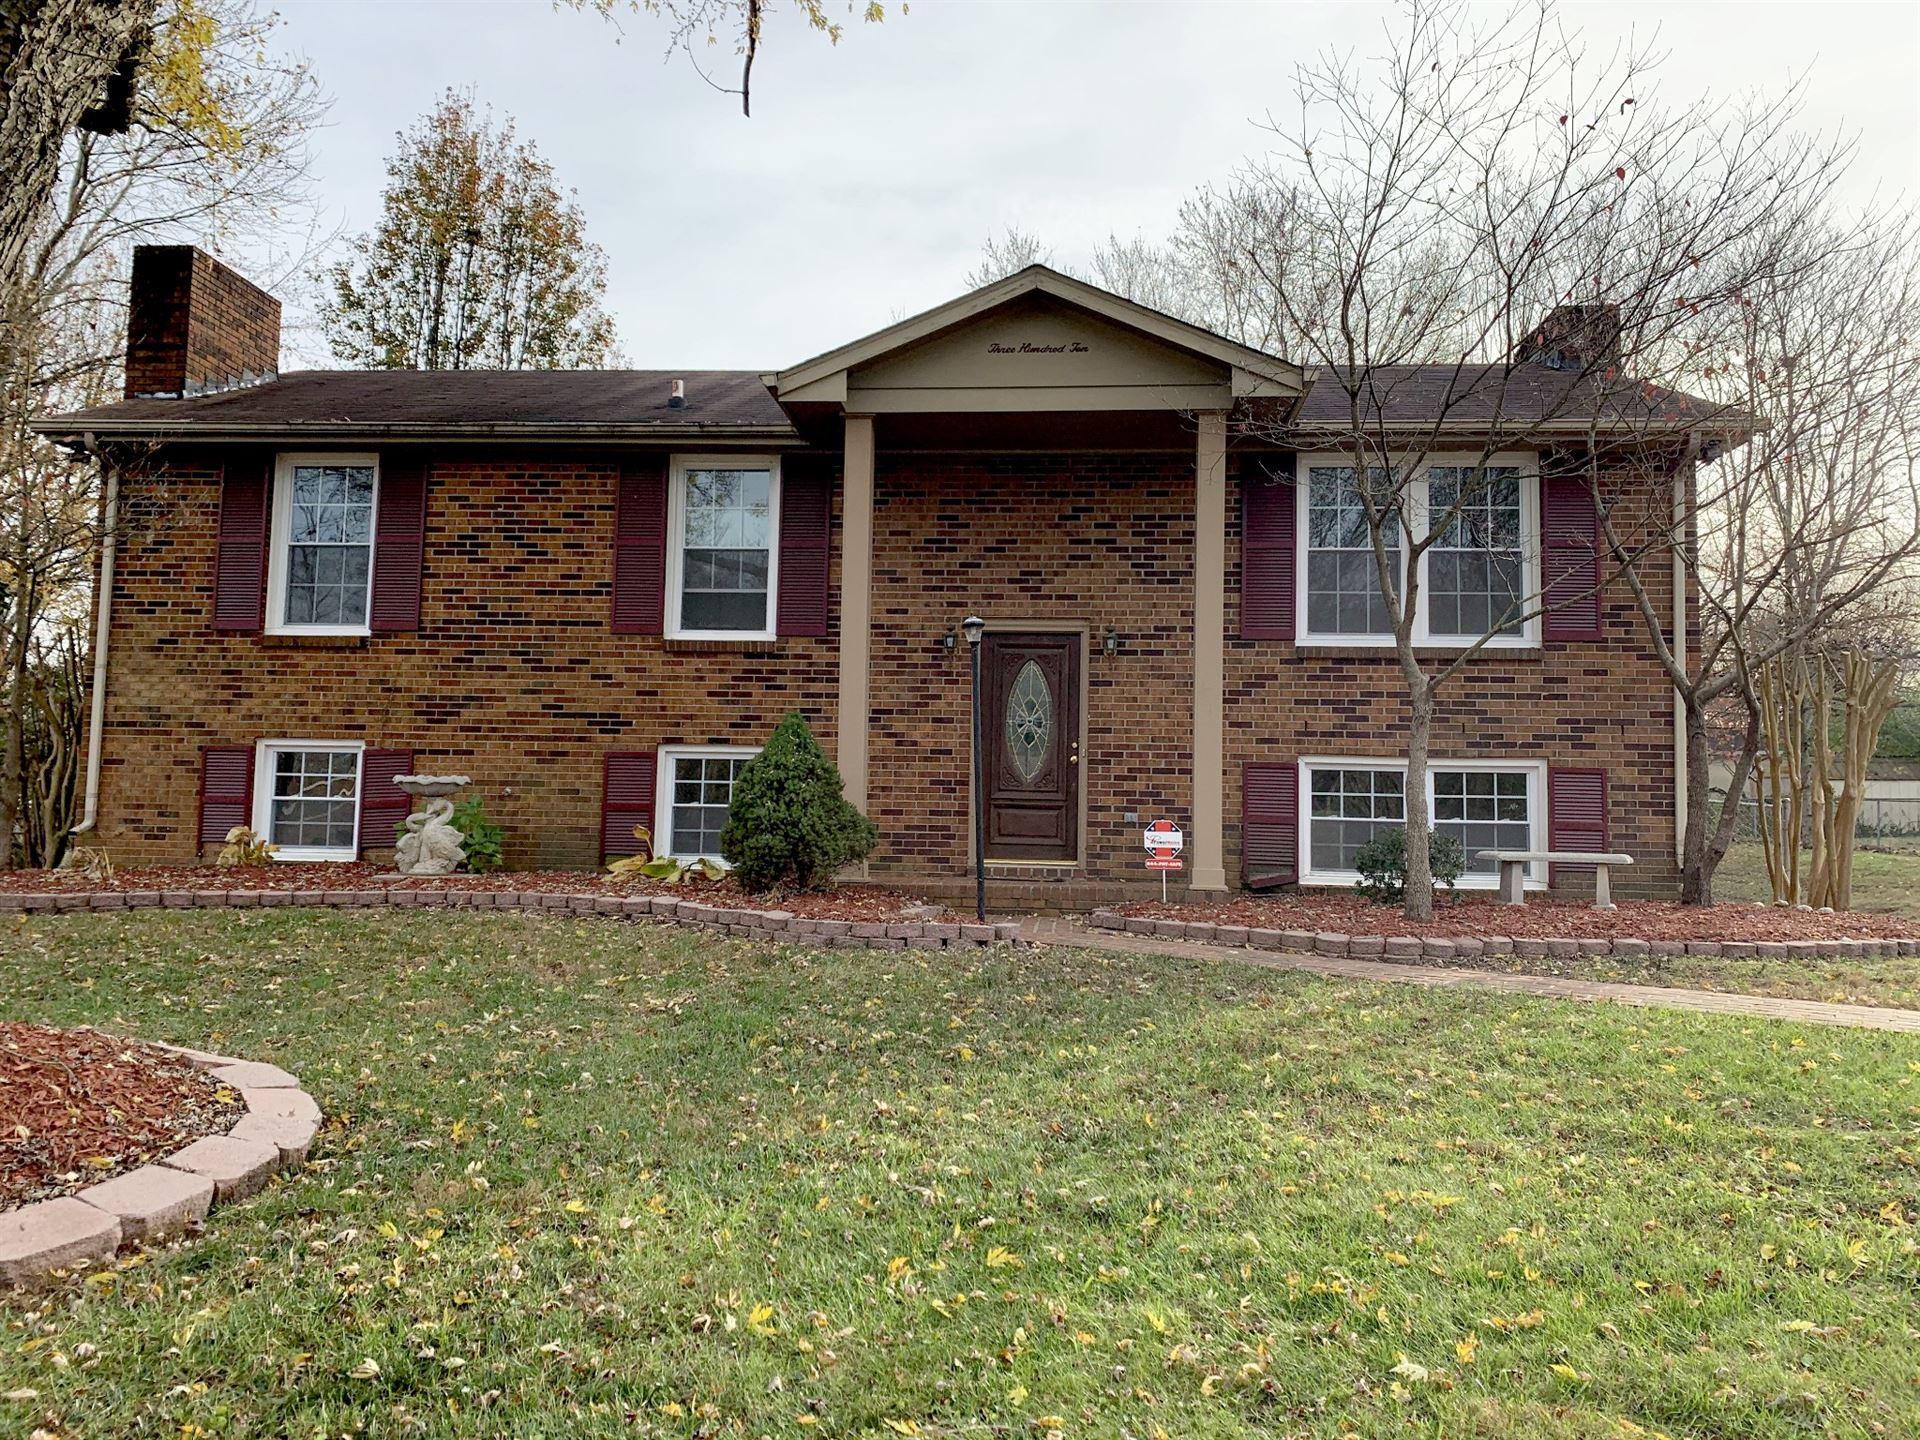 310 Cedarbrook Dr, Clarksville, TN 37040 - MLS#: 2209610